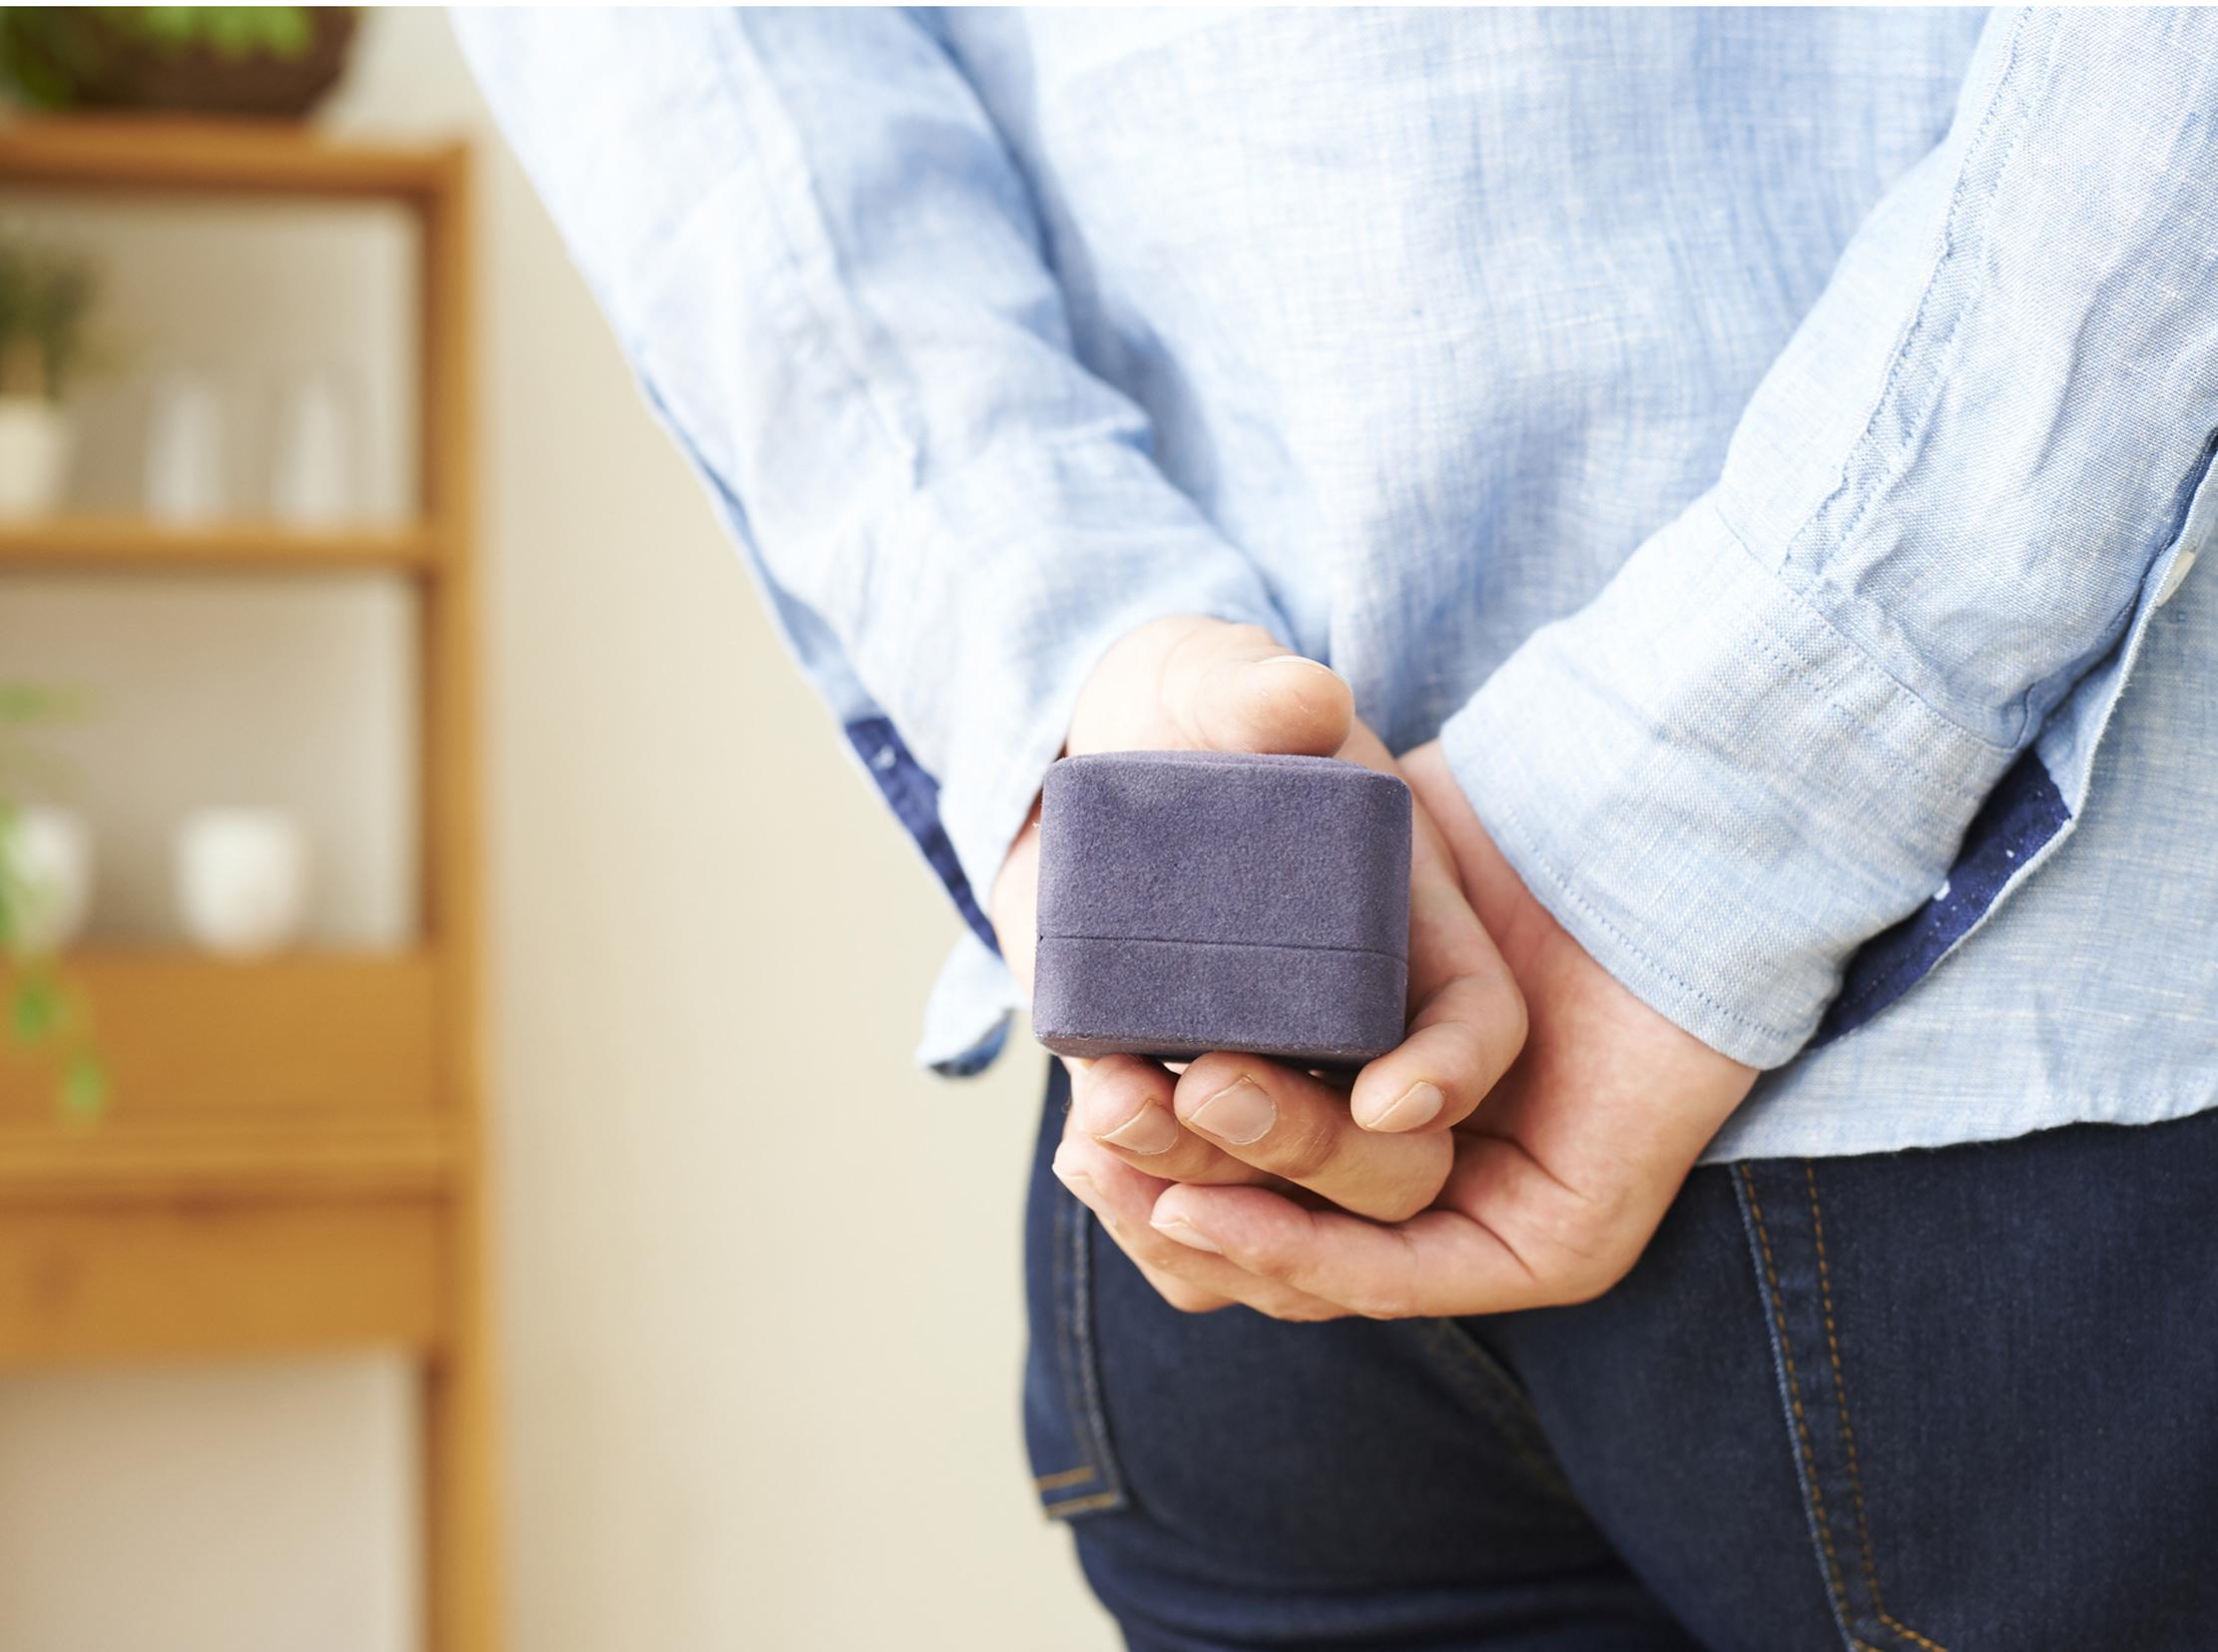 【静岡プロポーズ】女性が求めている理想のプロポーズとは!?